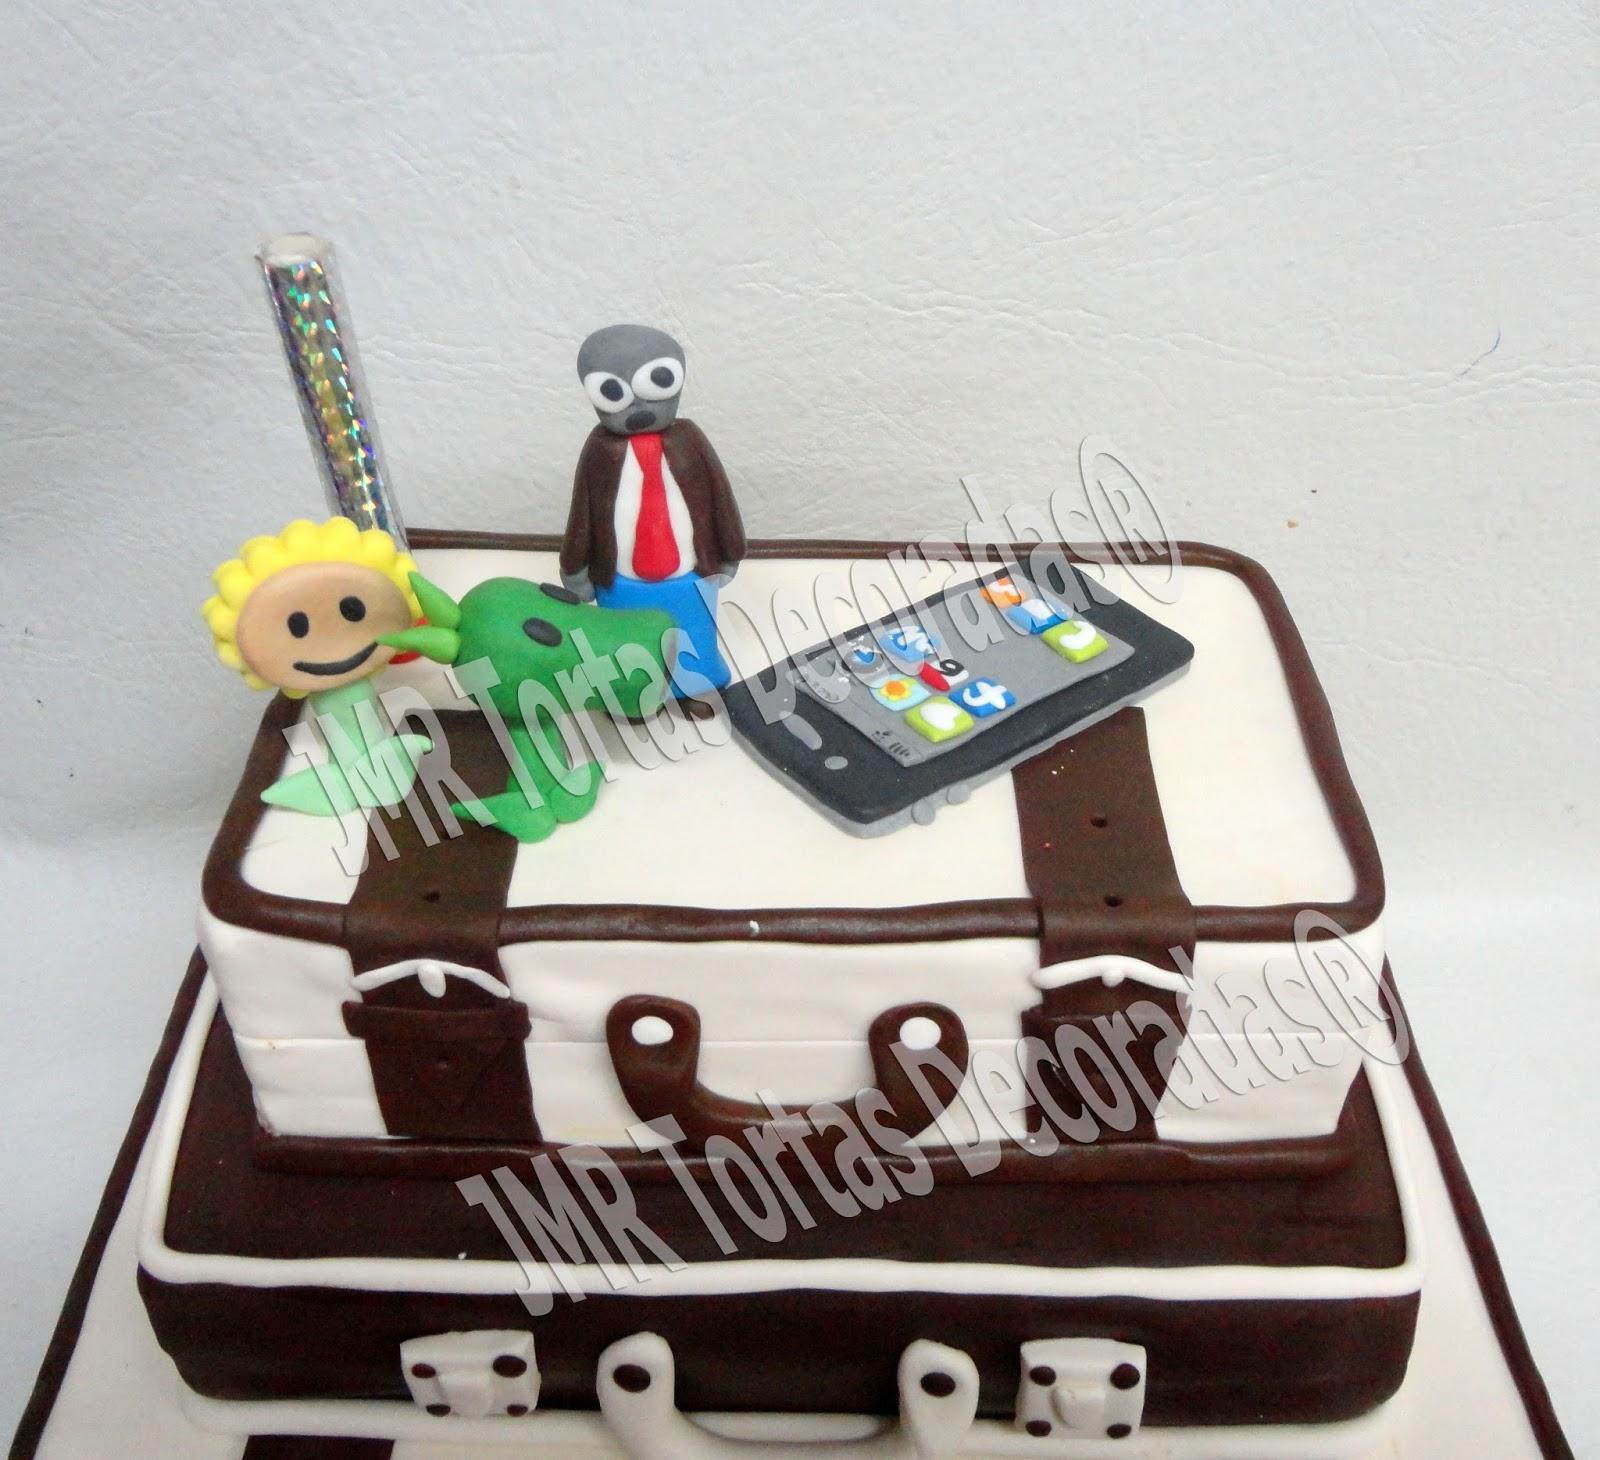 Torta y cake pops plants vs zombies valijas viaje torta - Pisos pilotos decorados ...